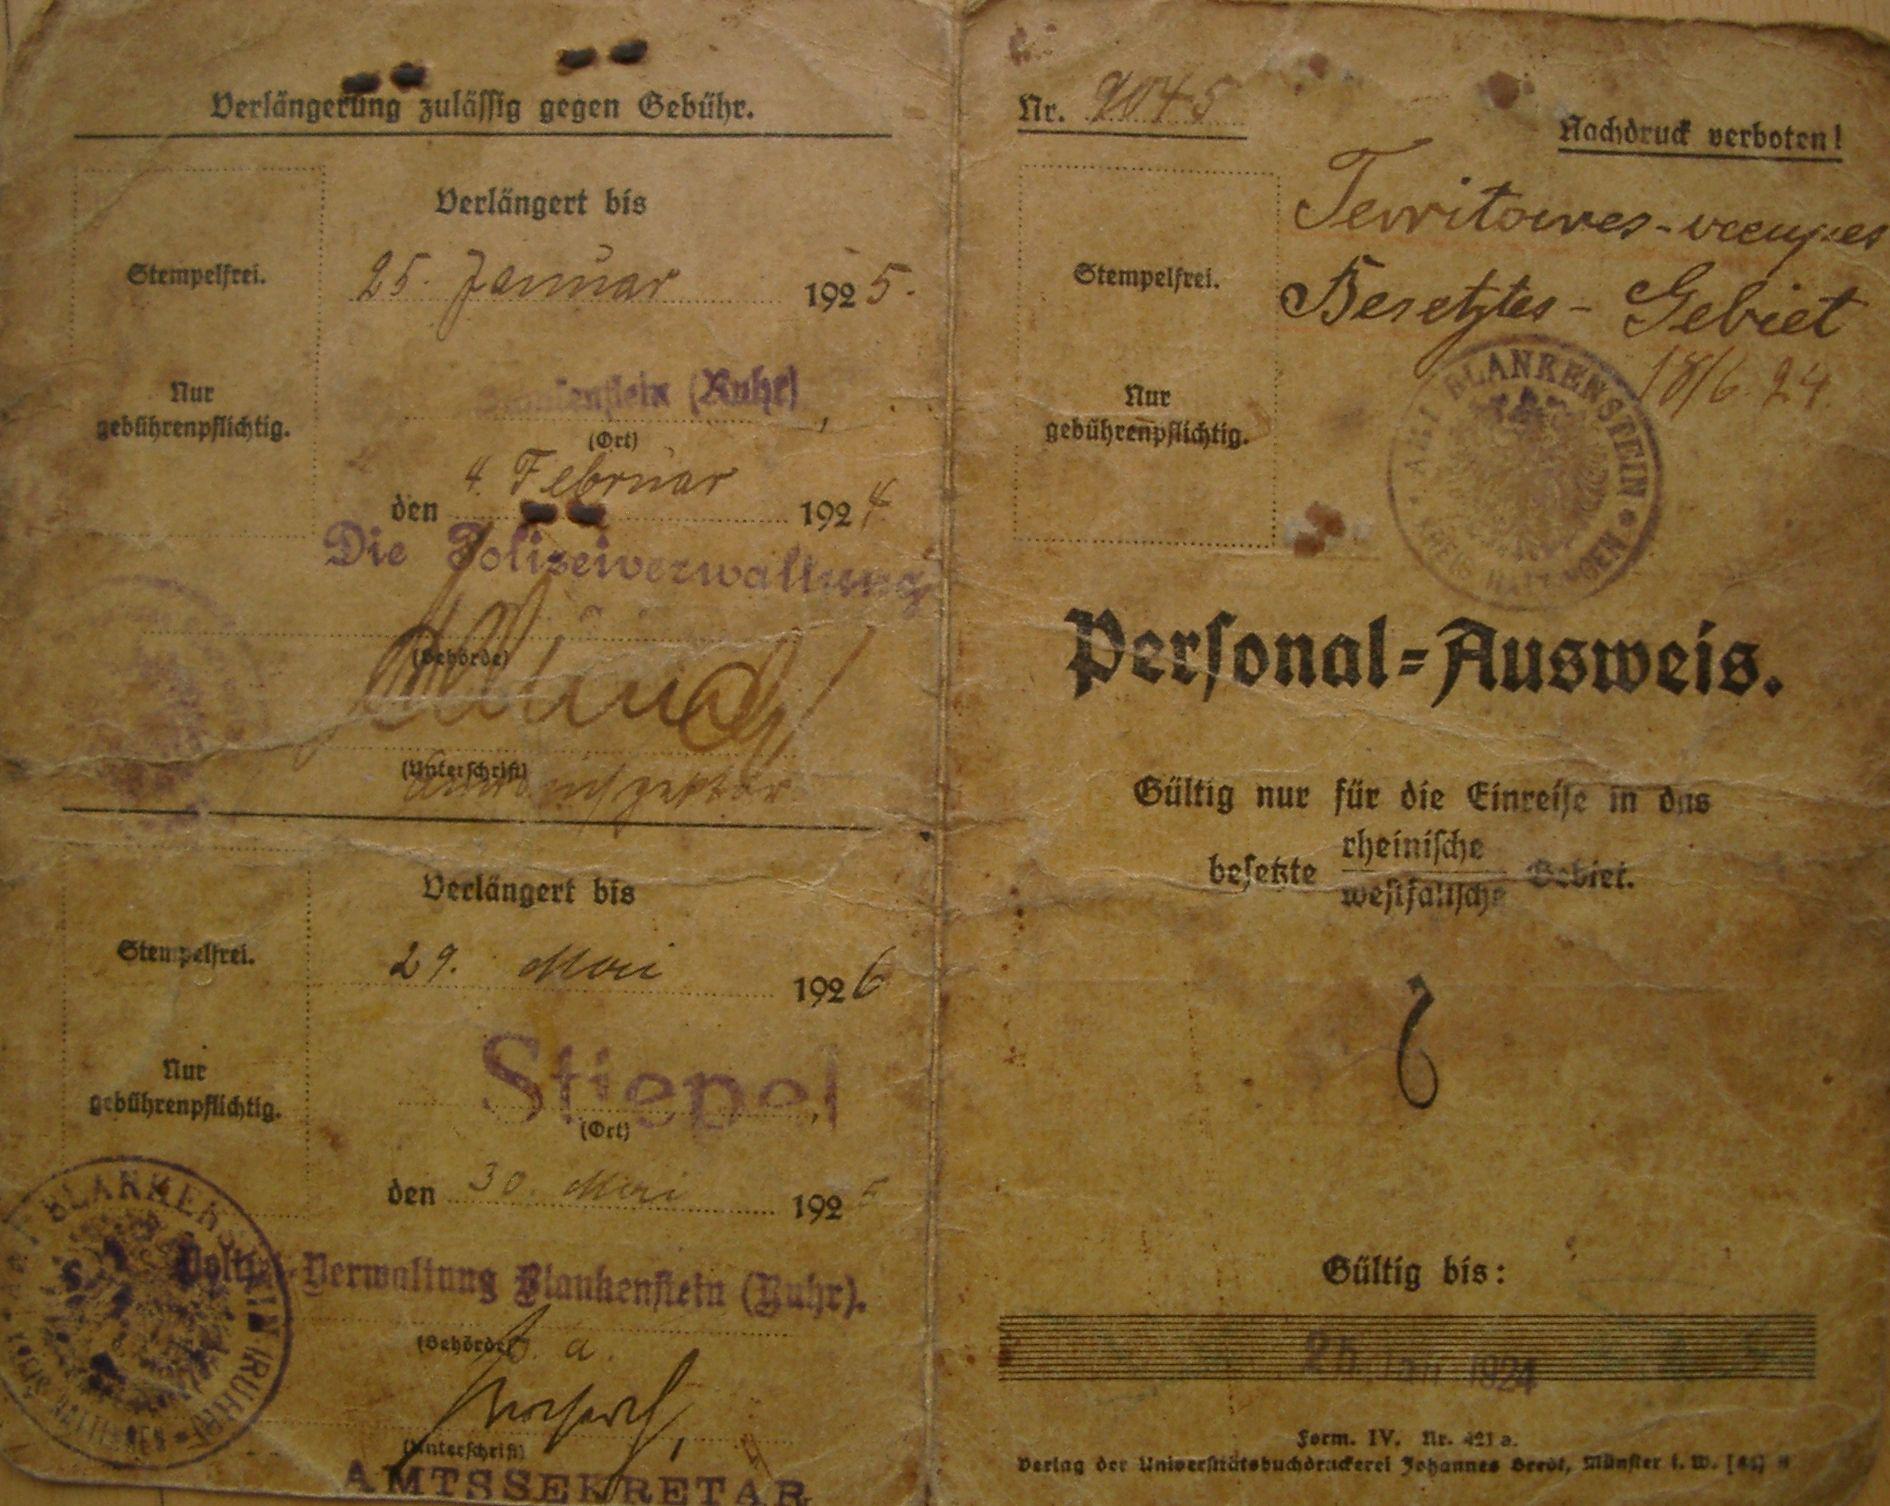 Personal-Ausweis aus der Besatzungszeit, ausgestellt am 25. Januar 1923 für Luise Haarmann, verlängert am 4. Februar 1924 sowie erneut am 30. Mai 1925.